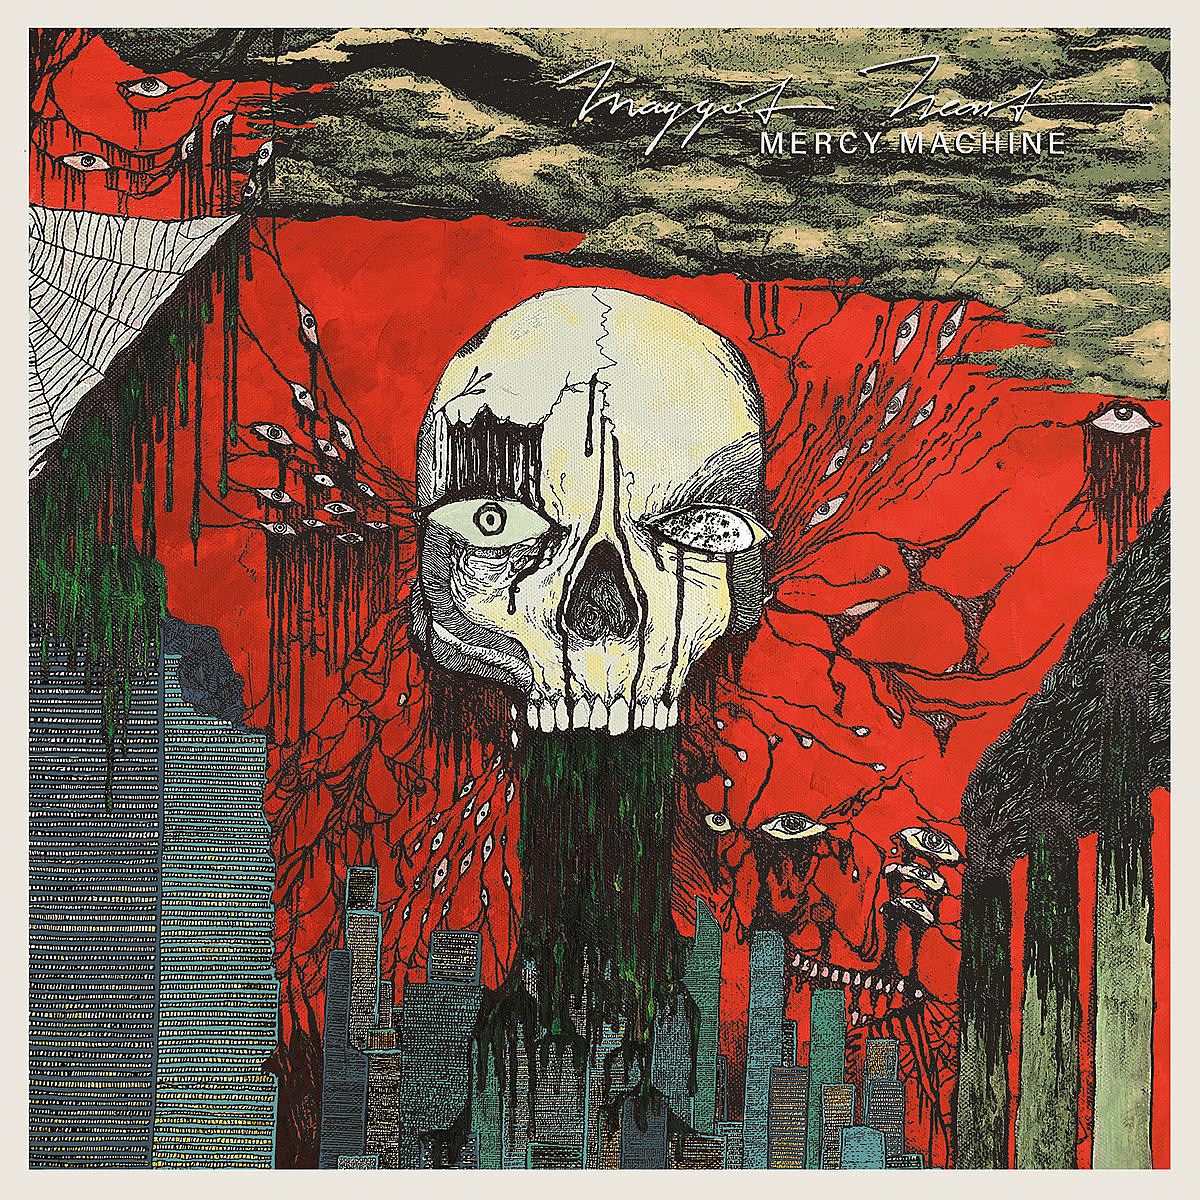 Stream Maggot Heart's new album 'Mercy Machine'